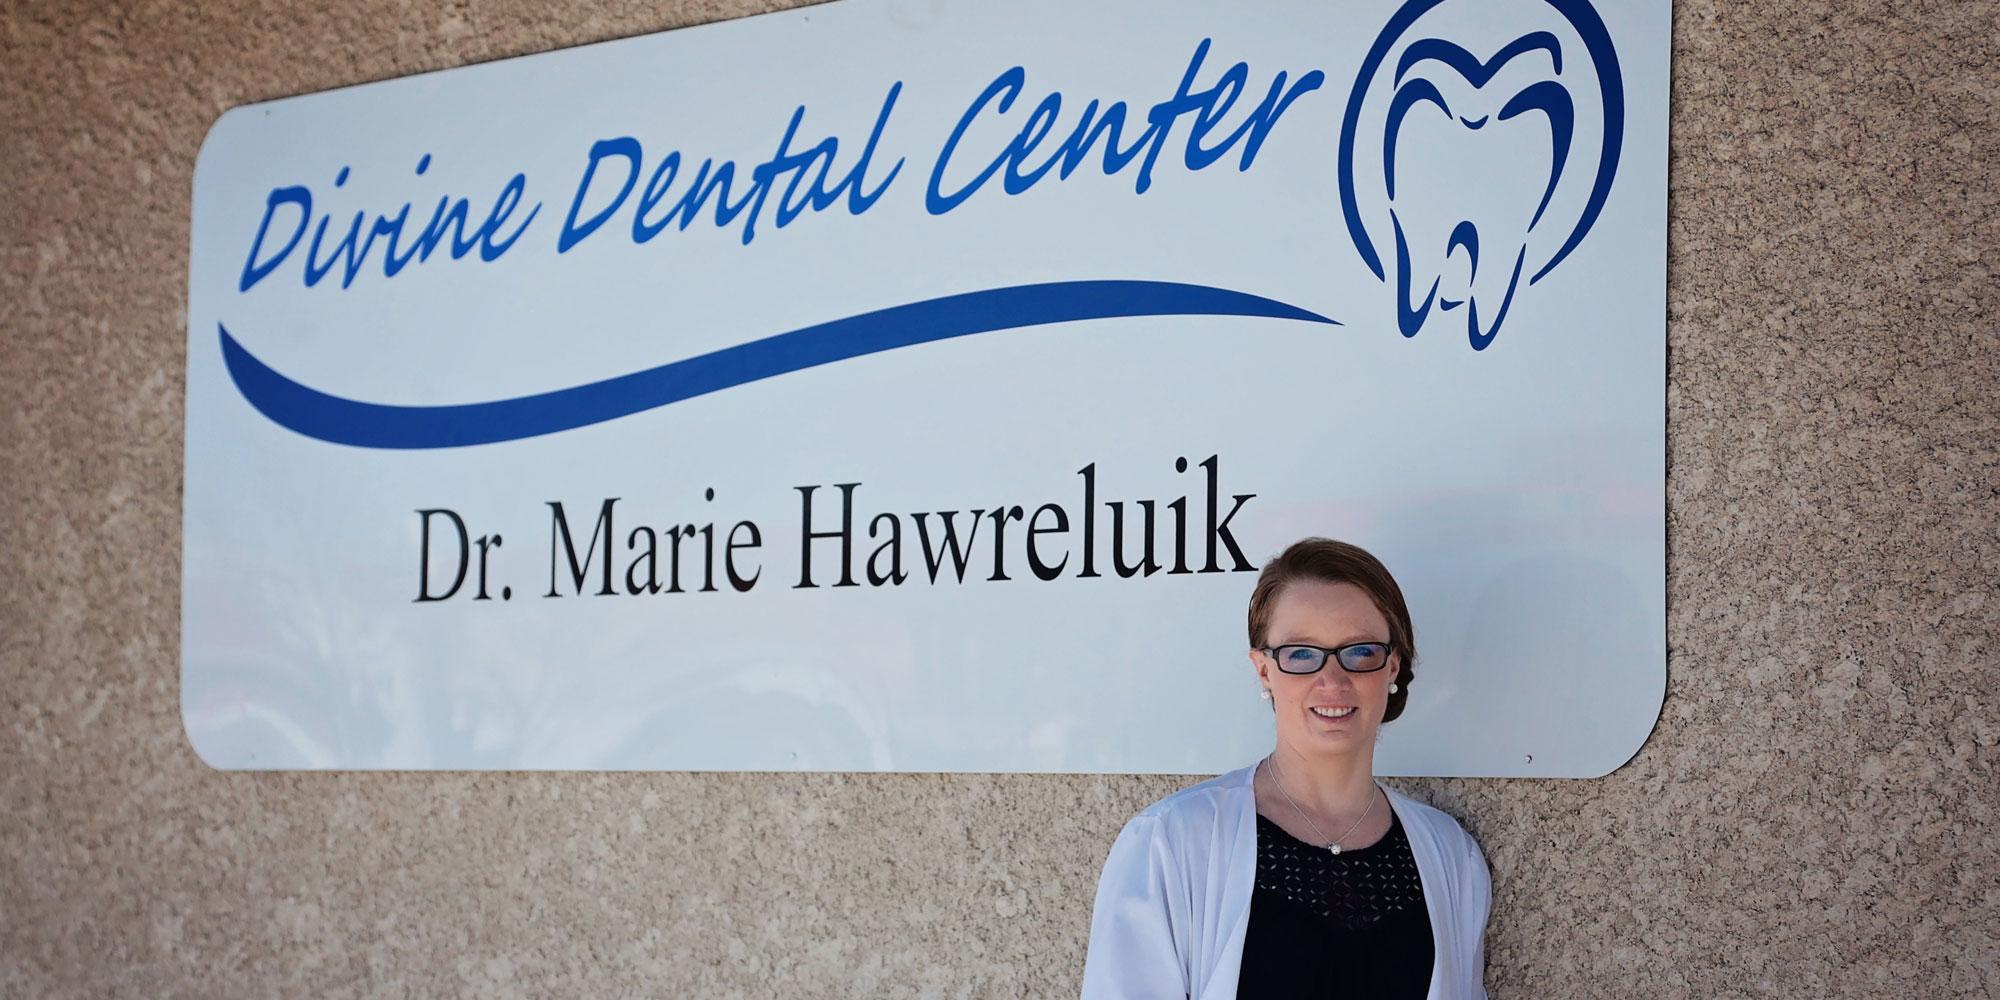 Dentist Dr. Hawreluik in Yorkton, SK Divine Dental Center